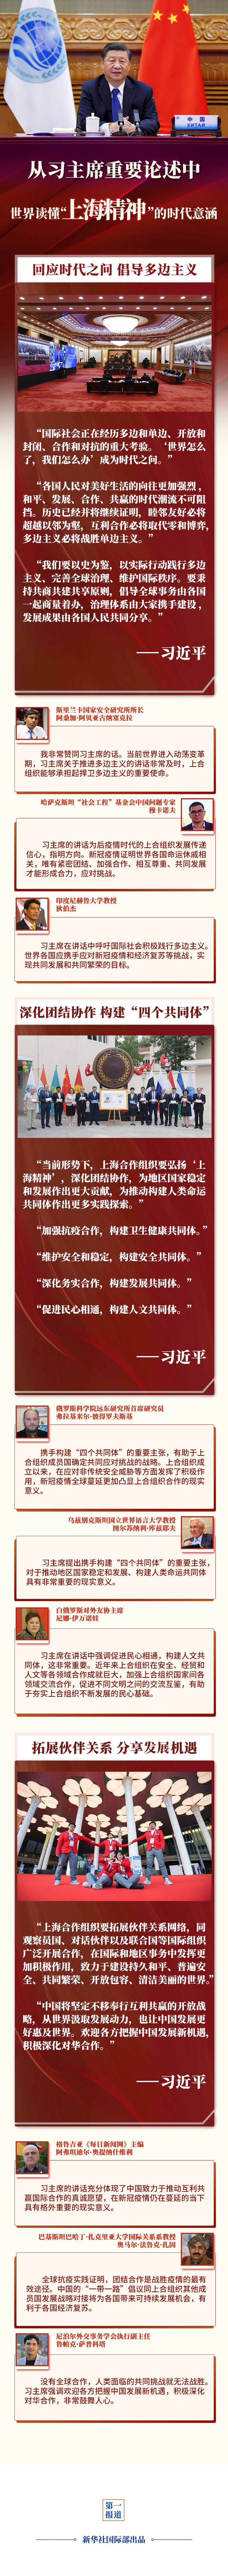 """第一报道   从习主席重要论述中,世界读懂""""上海精神""""的时代意涵"""